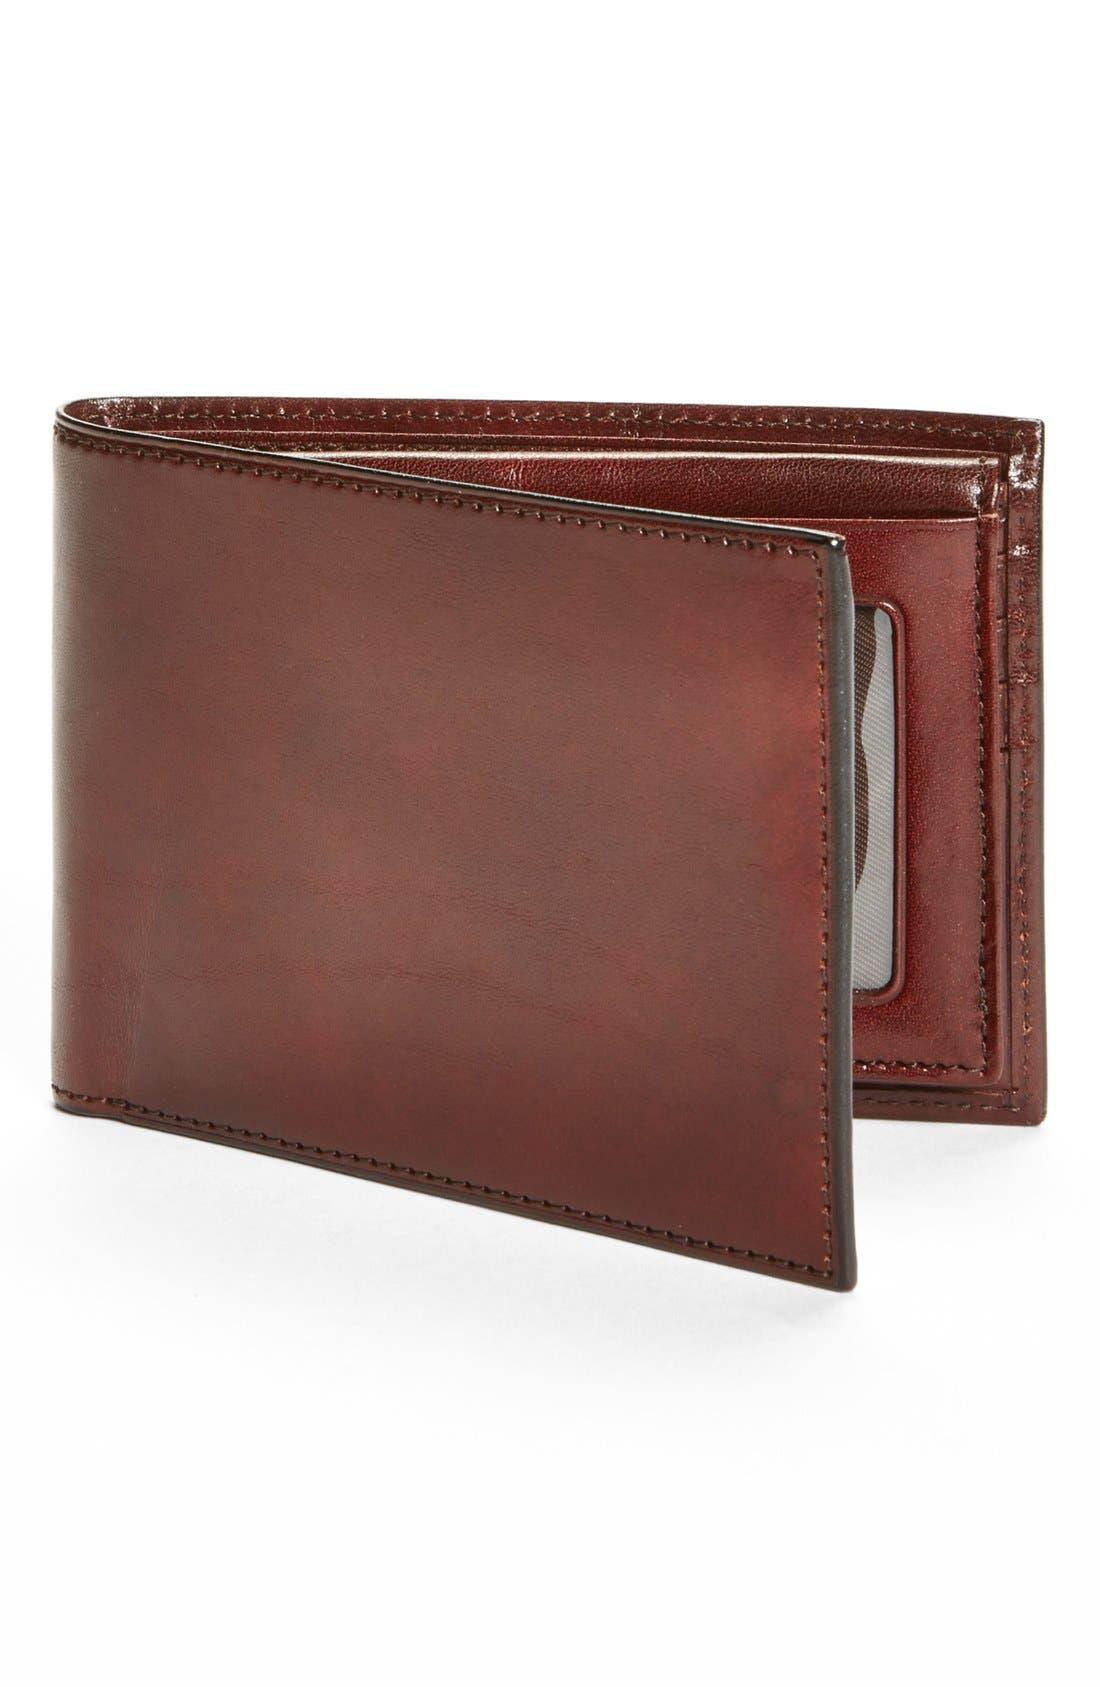 BOSCA ID Passcase Wallet